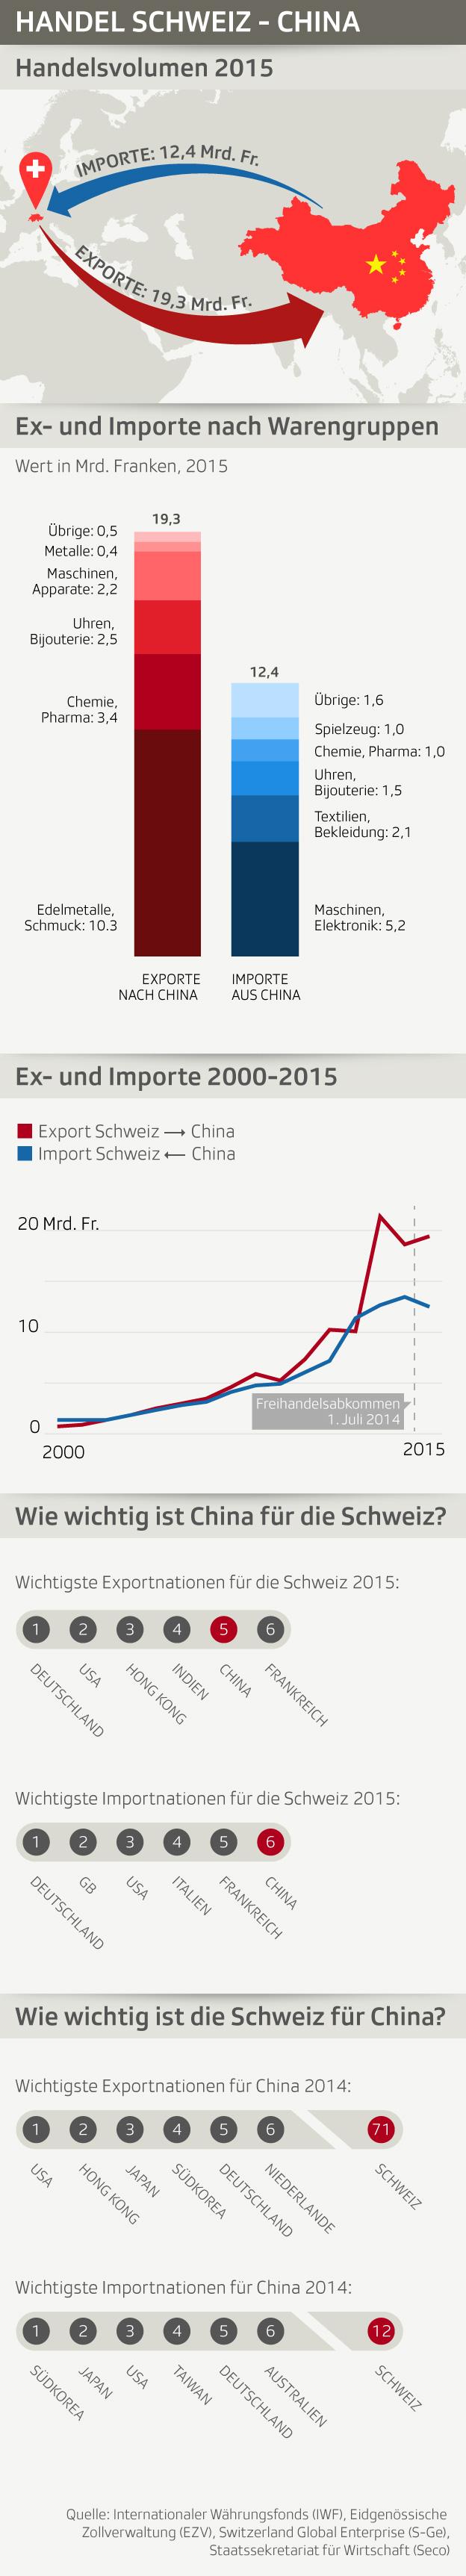 Handelsvolumen und Warengruppen des Handels zwischen Schweiz und China